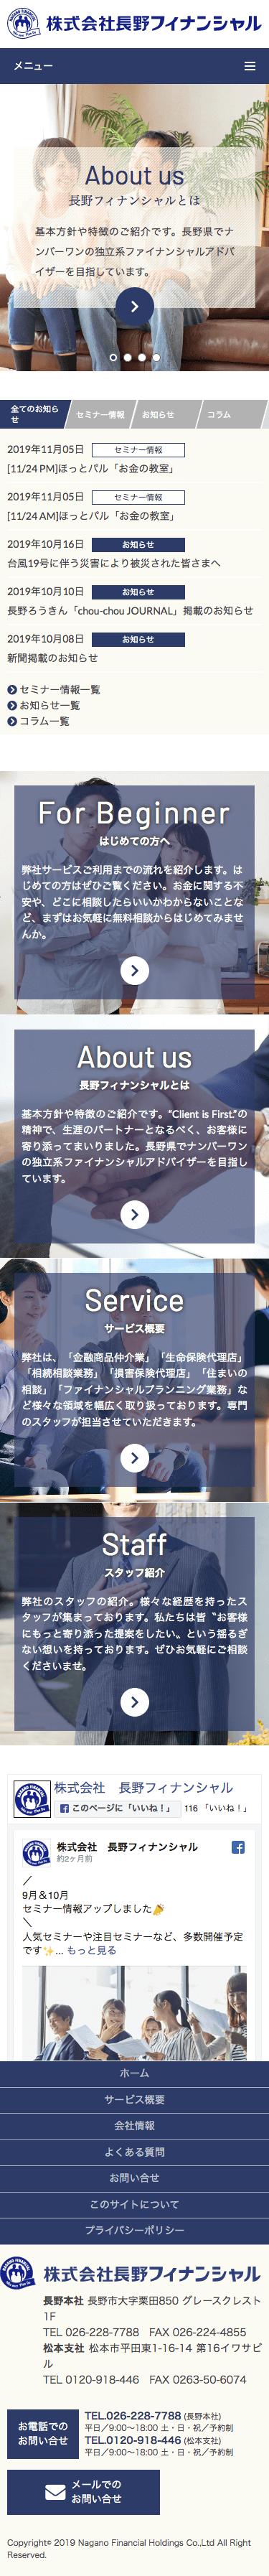 長野フィナンシャルspイメージ